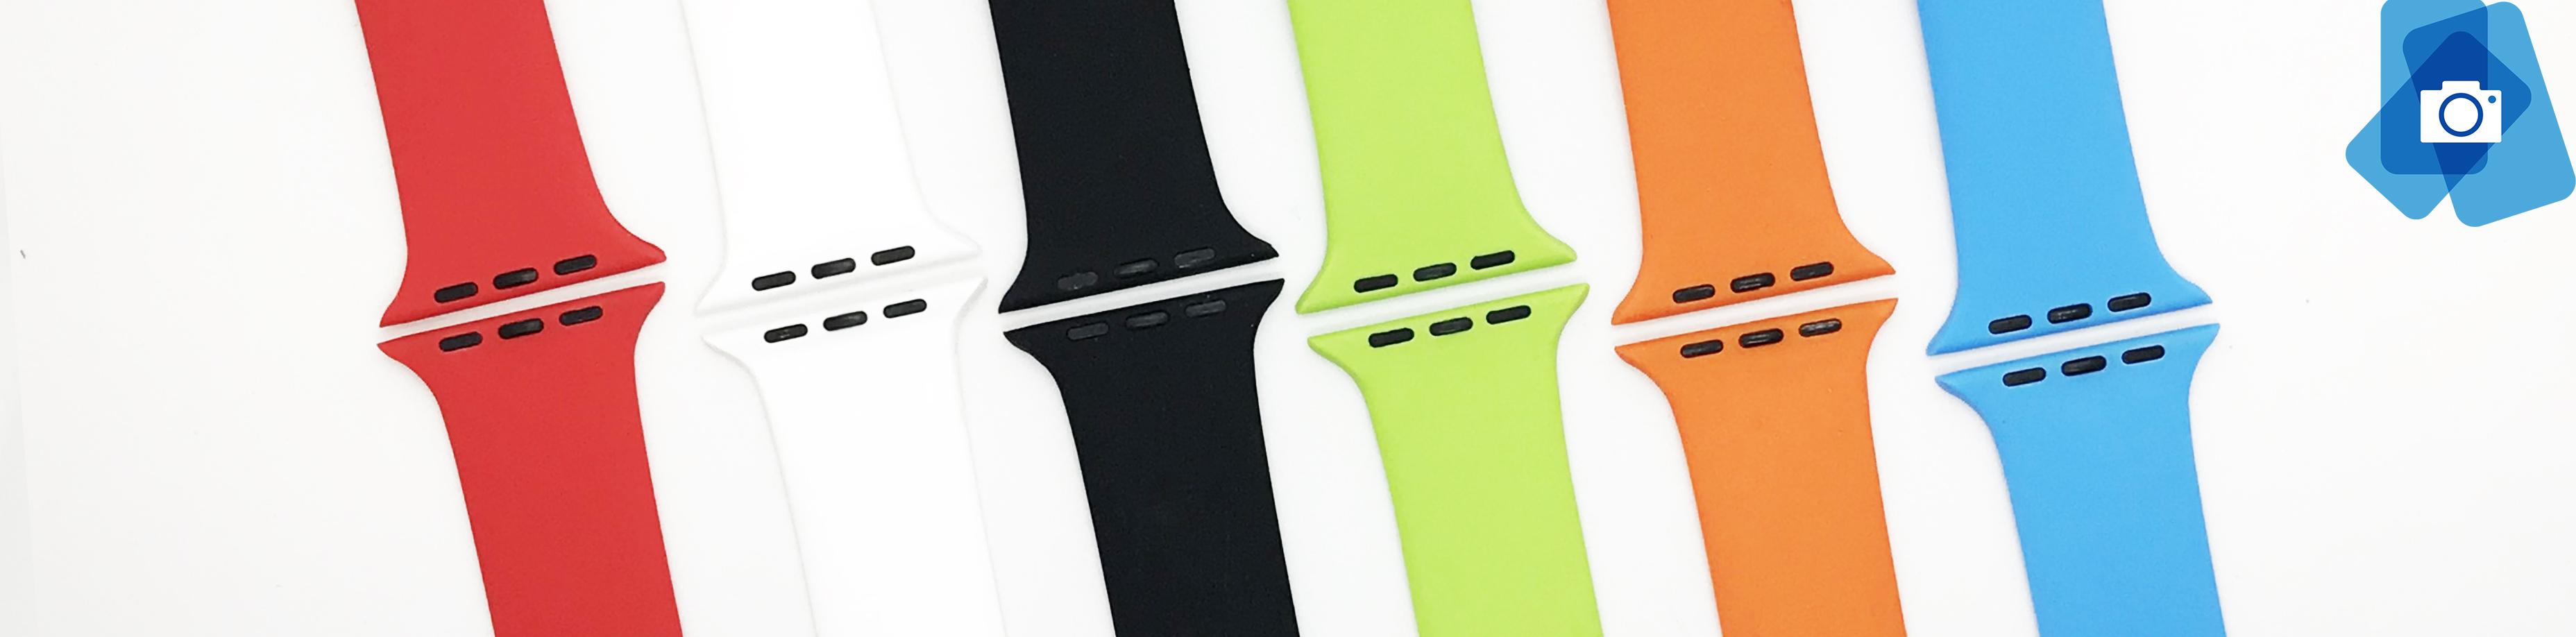 Gumové řemínky pro Apple Watch